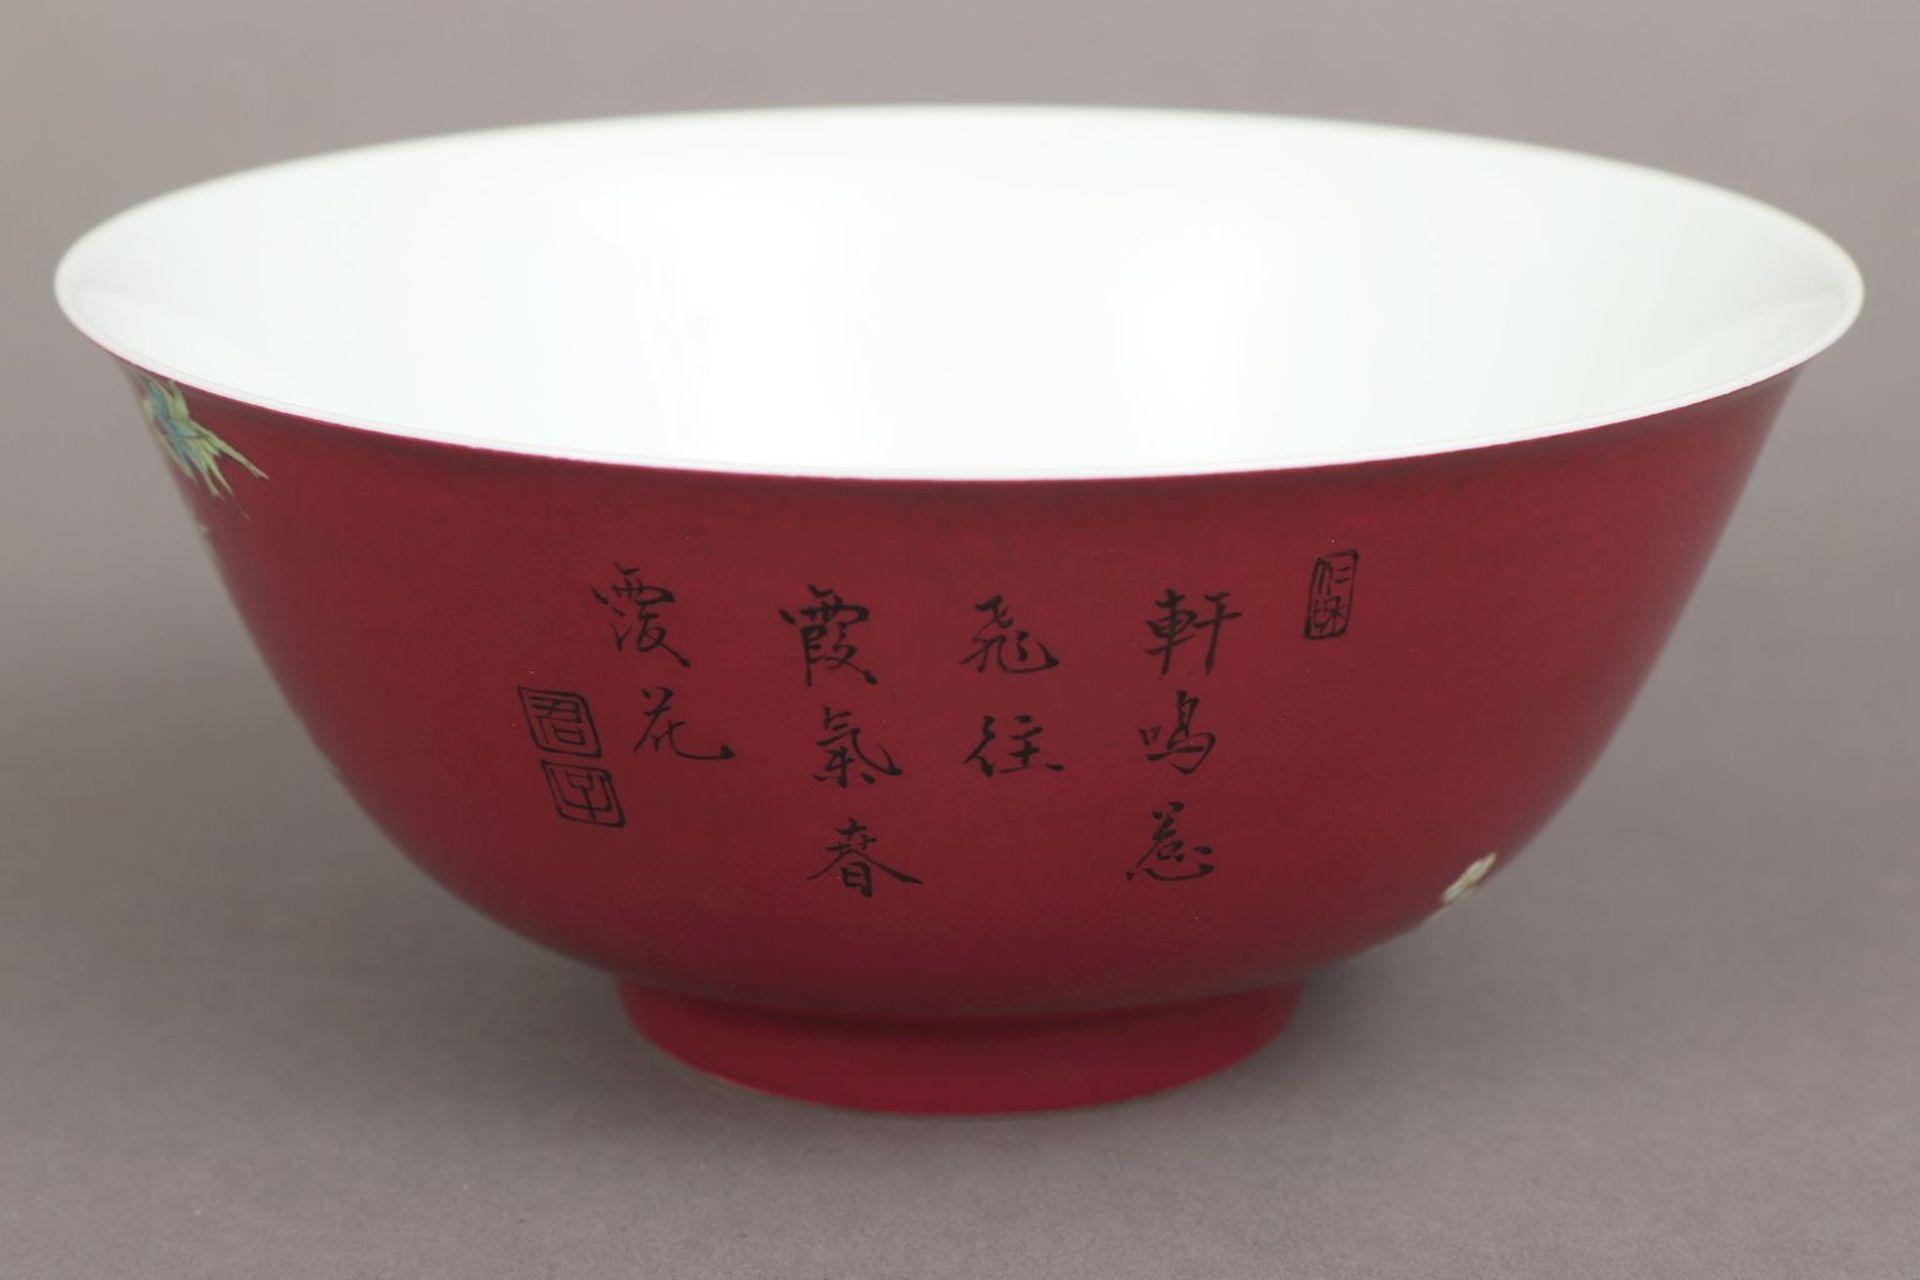 Chinesische Schale des 20./21. Jahrhunderts - Image 2 of 4